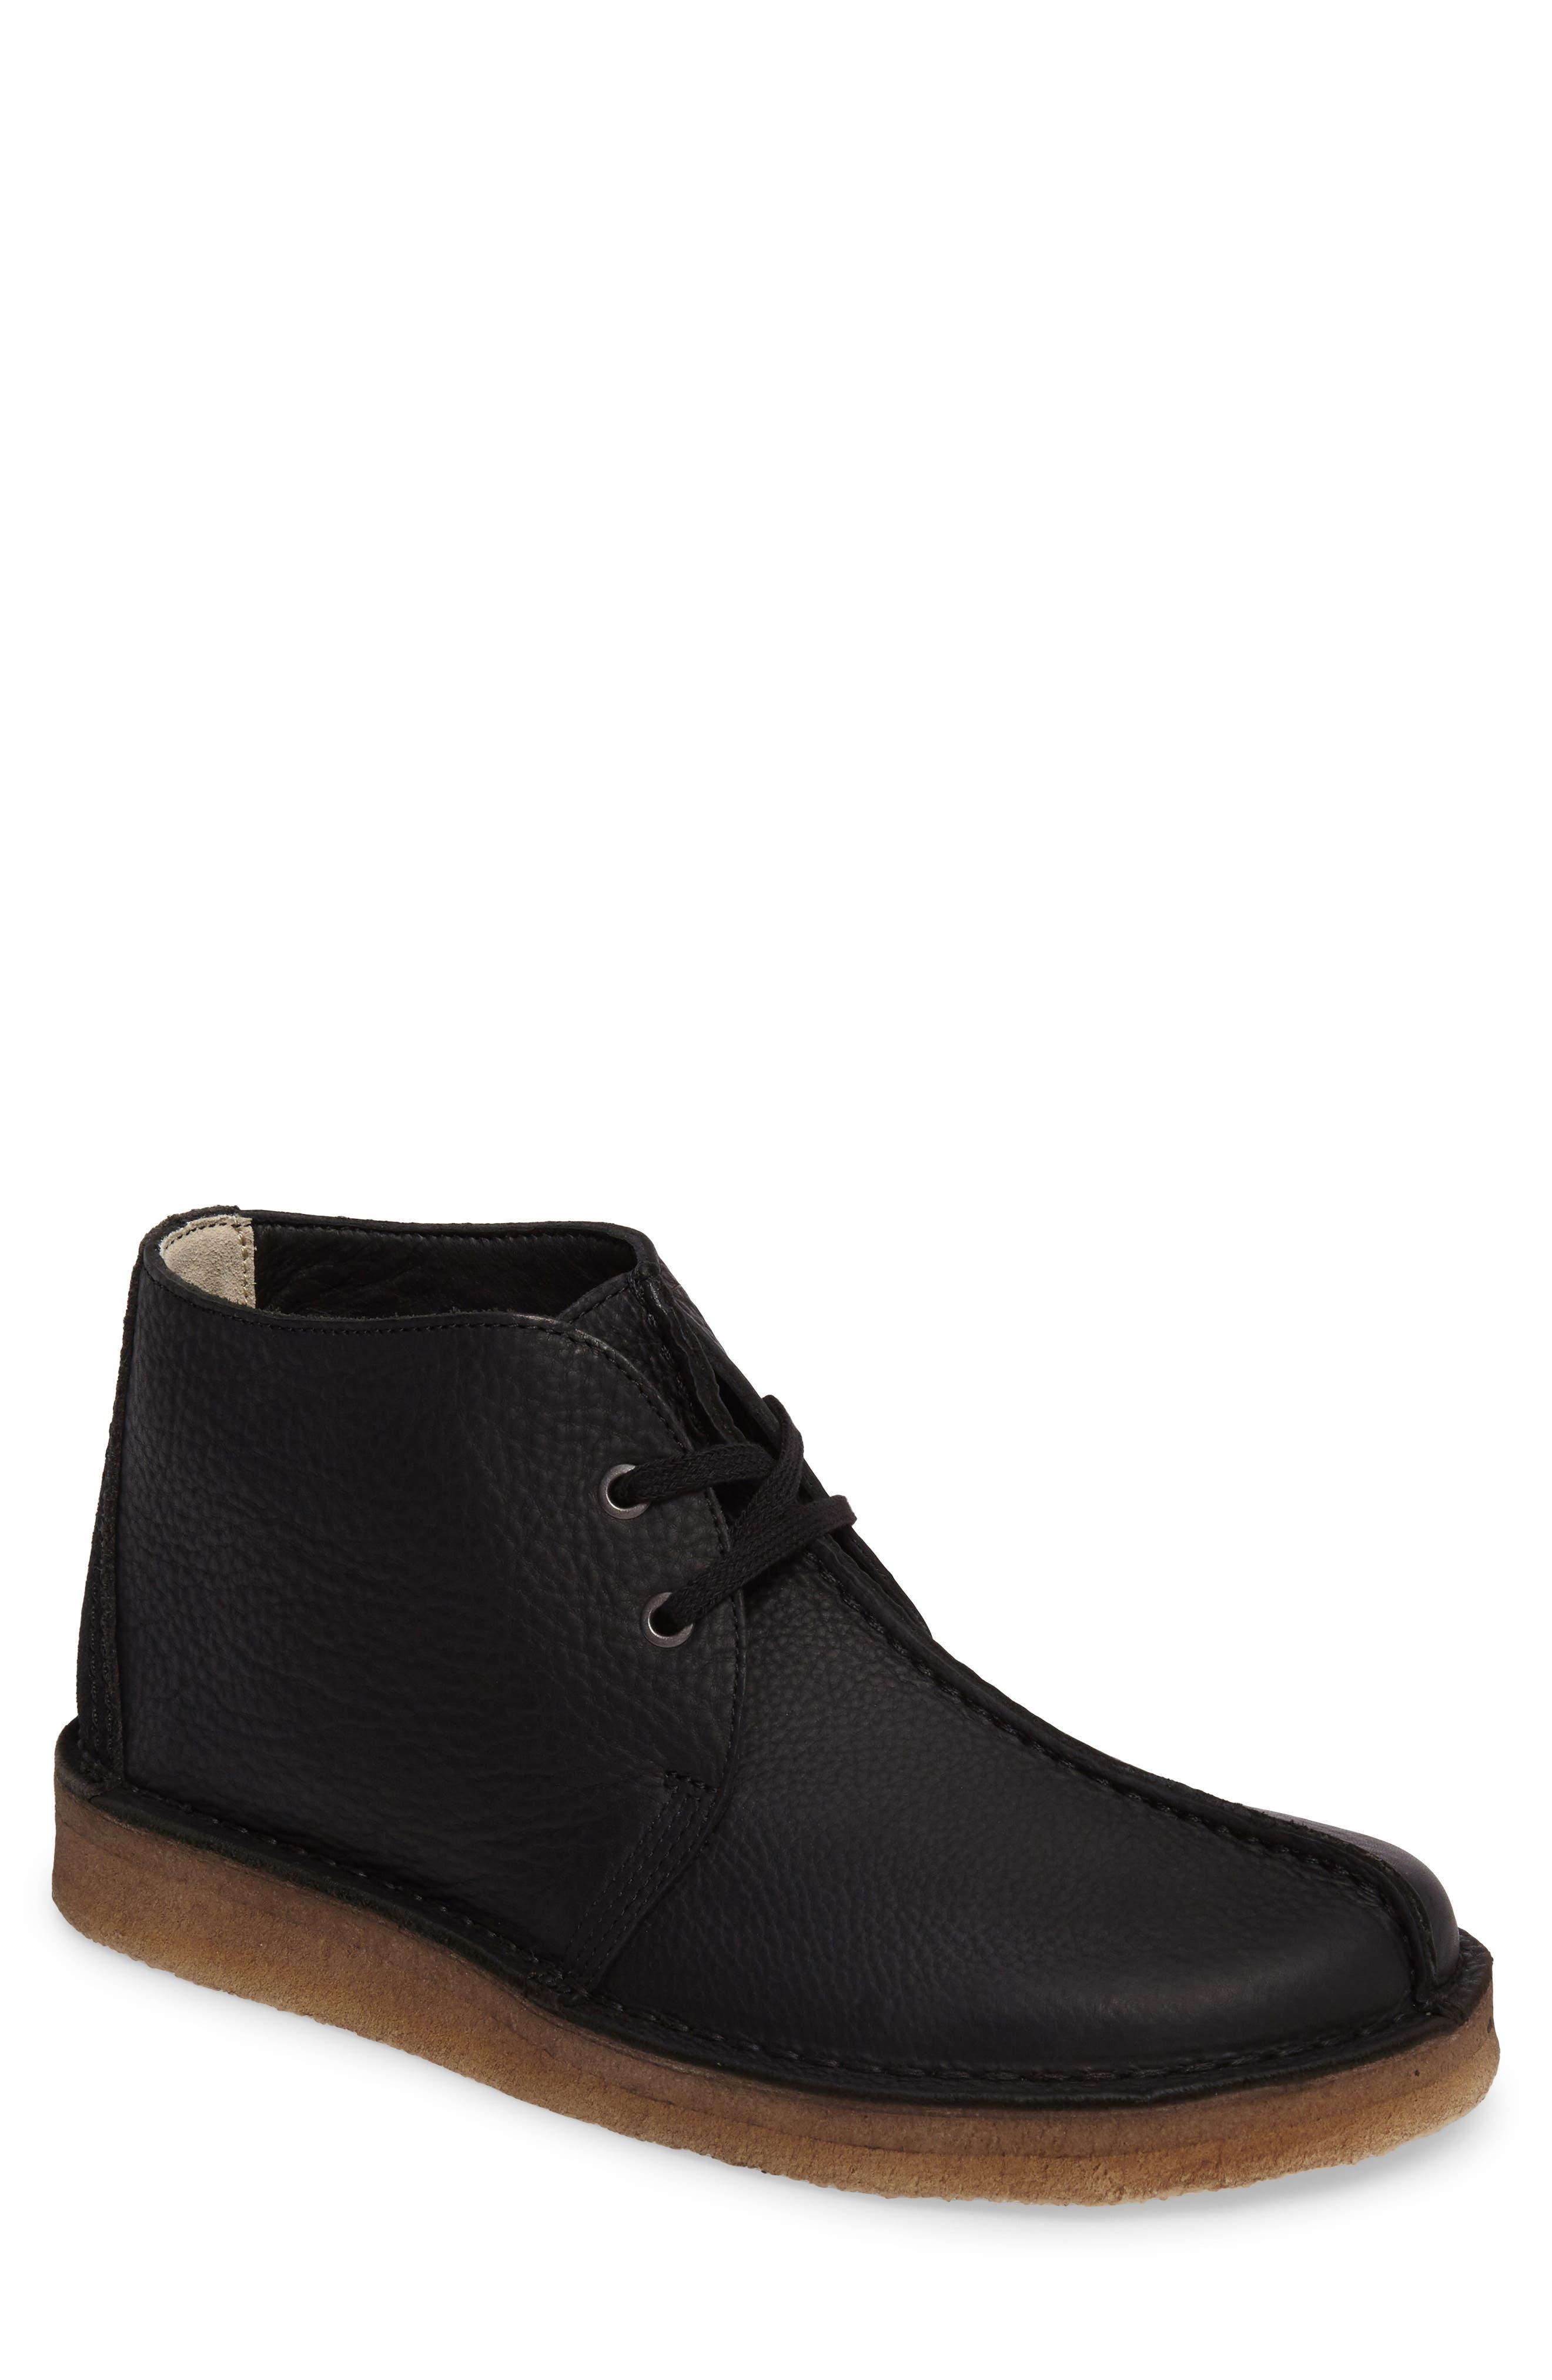 Clarks Desert Trek Leather Boot,                         Main,                         color, Black Leather